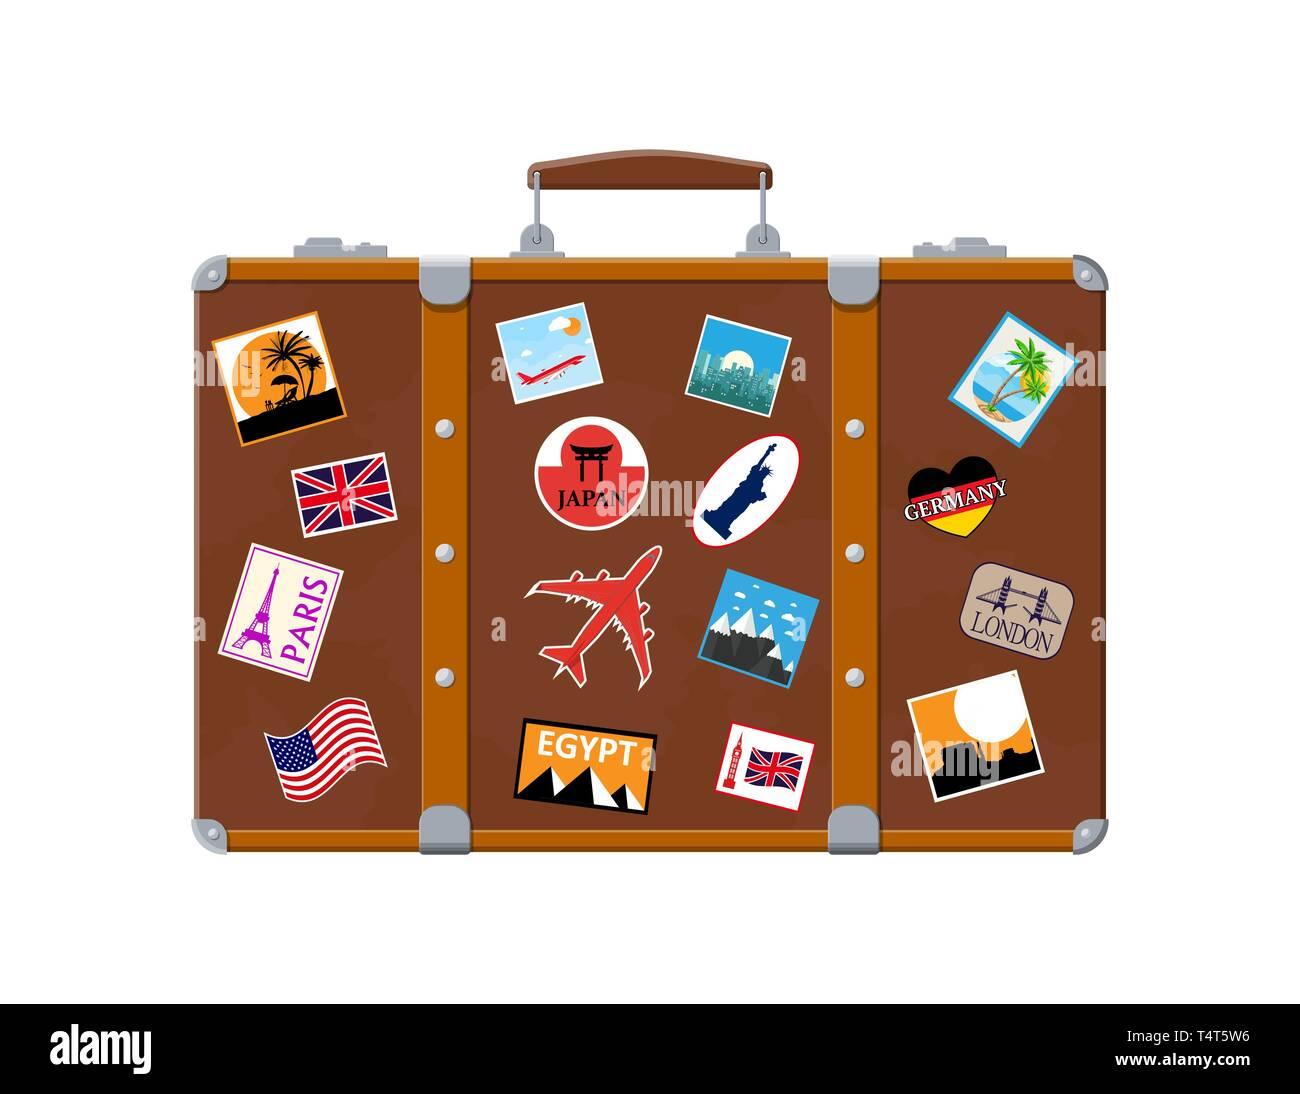 a79884e07 Vintage antigua maleta de viaje. Bolsa retro de cuero con pegatinas. Maletín  marrón con correas. Etiquetas de los countrys y ciudades de todo el mundo.